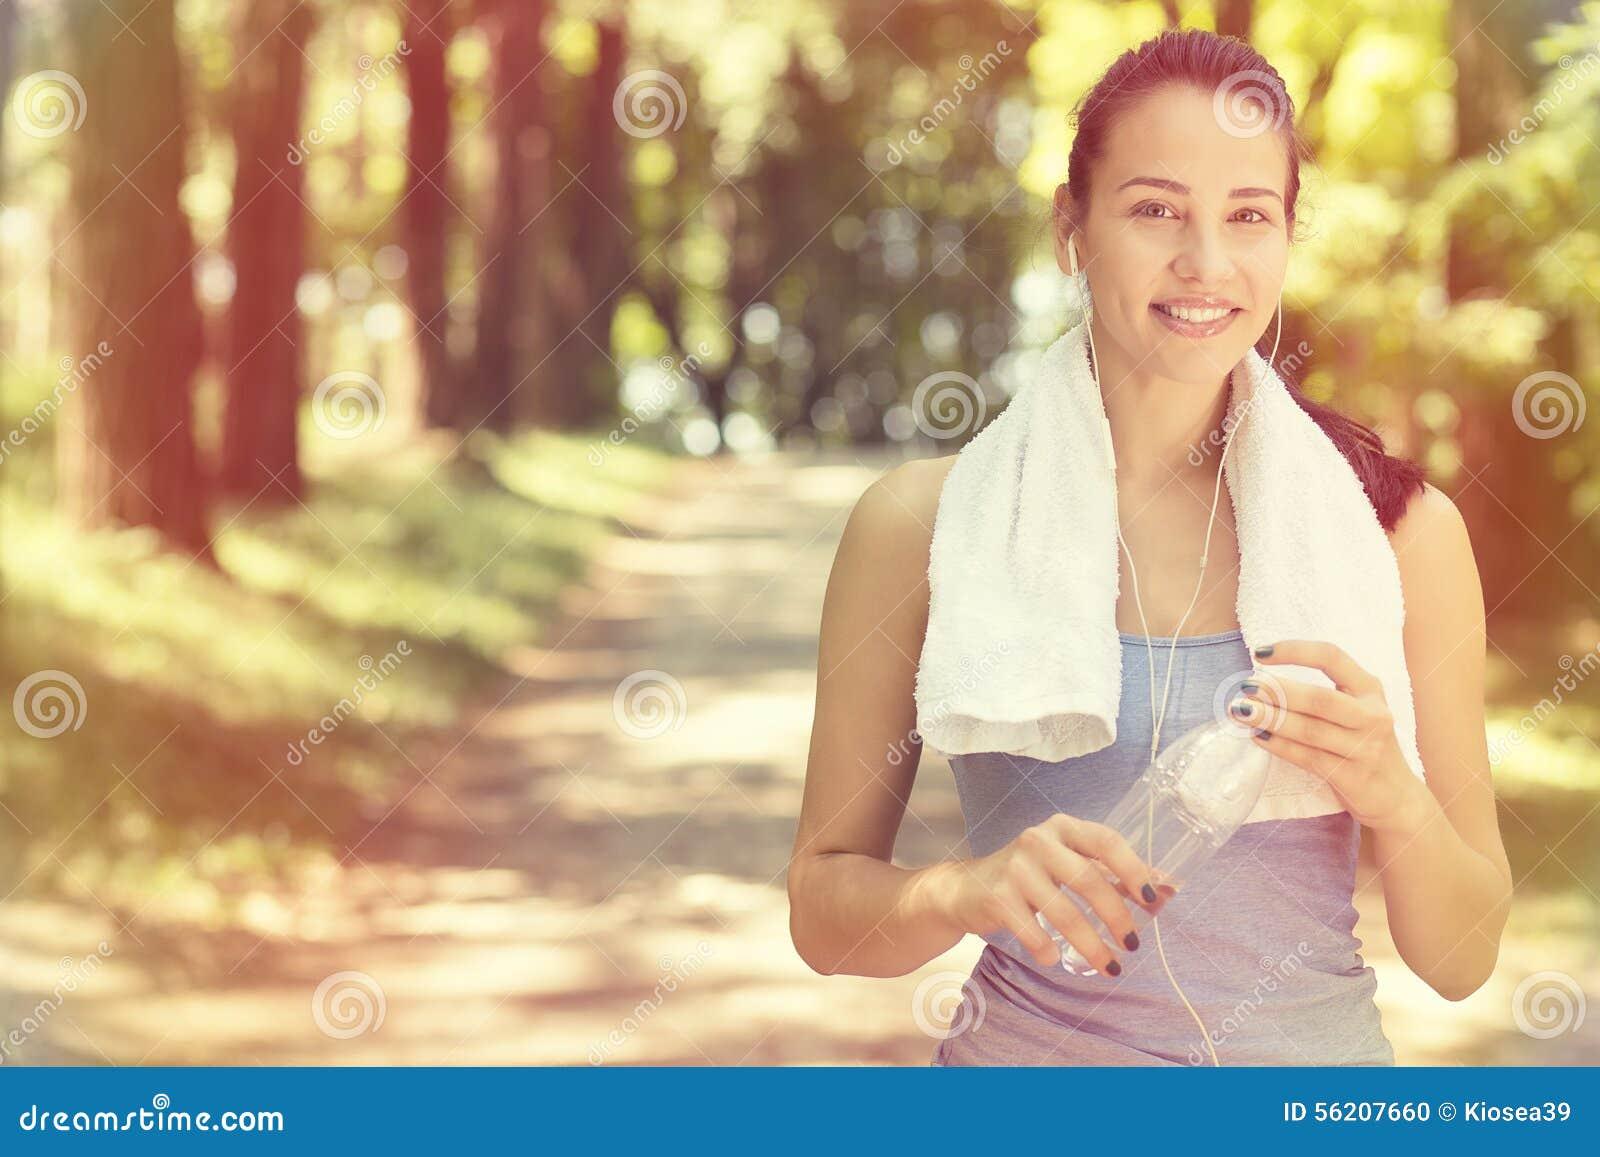 Усмехаясь подходящая женщина при белое полотенце отдыхая после спорта работает